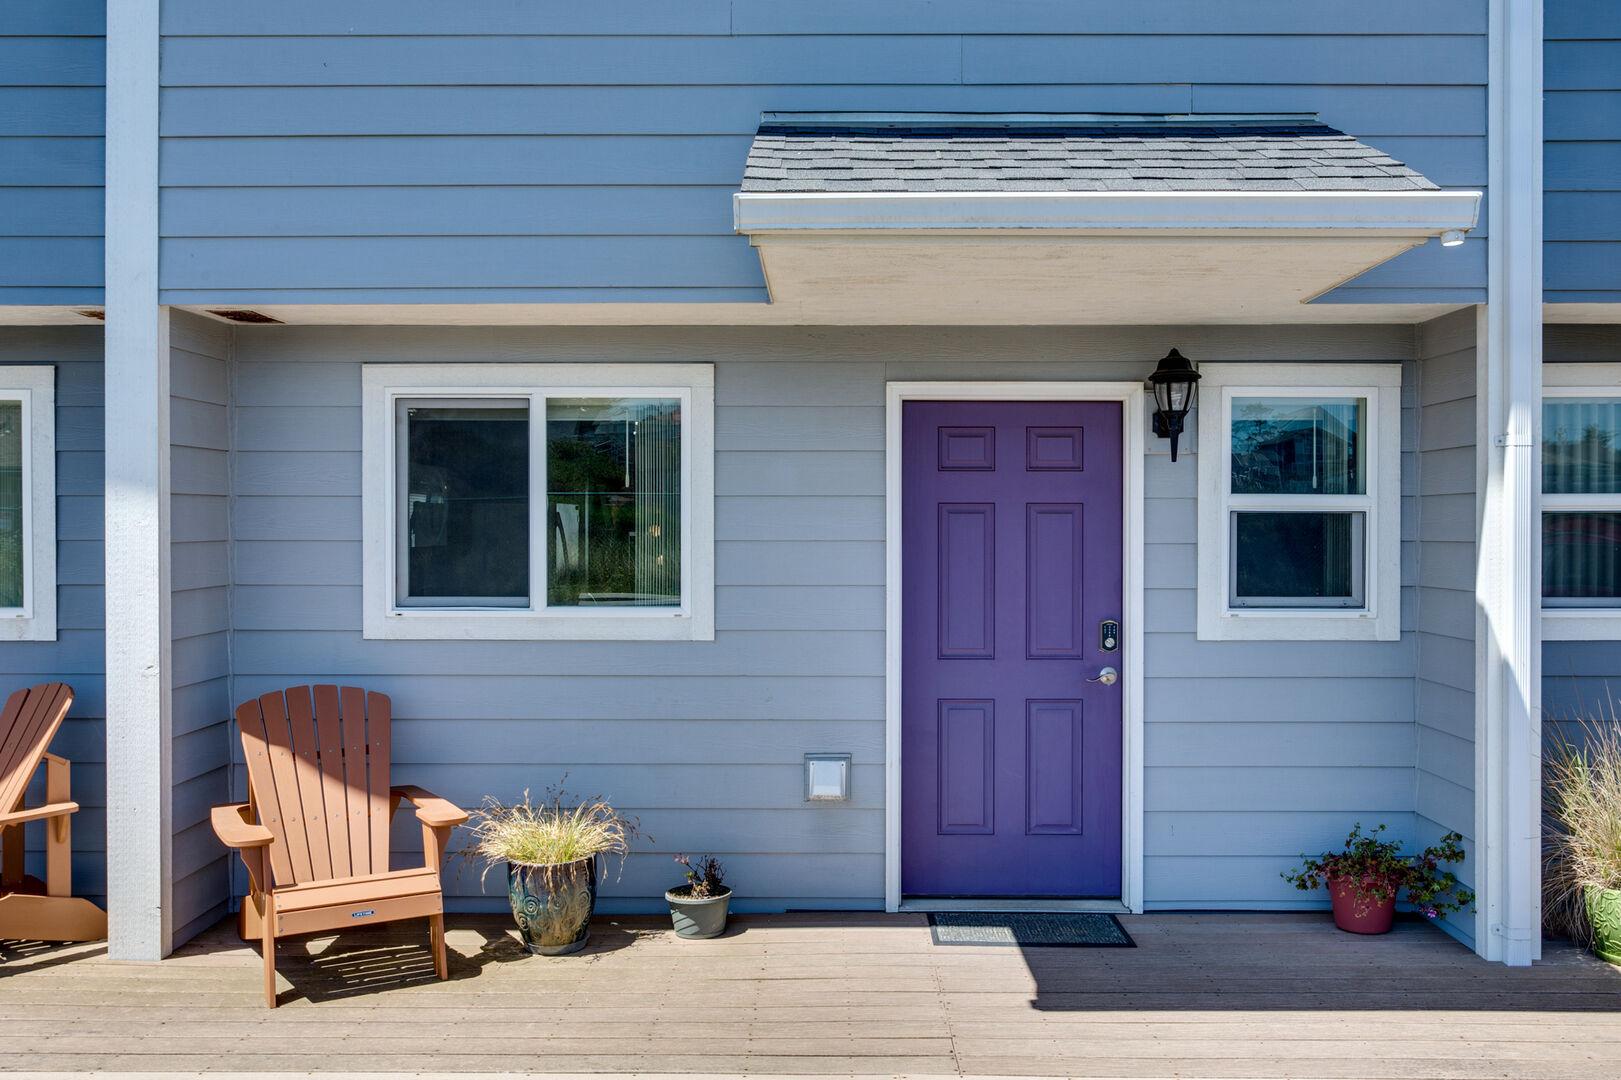 Nye Beach Townhomes Purple Door